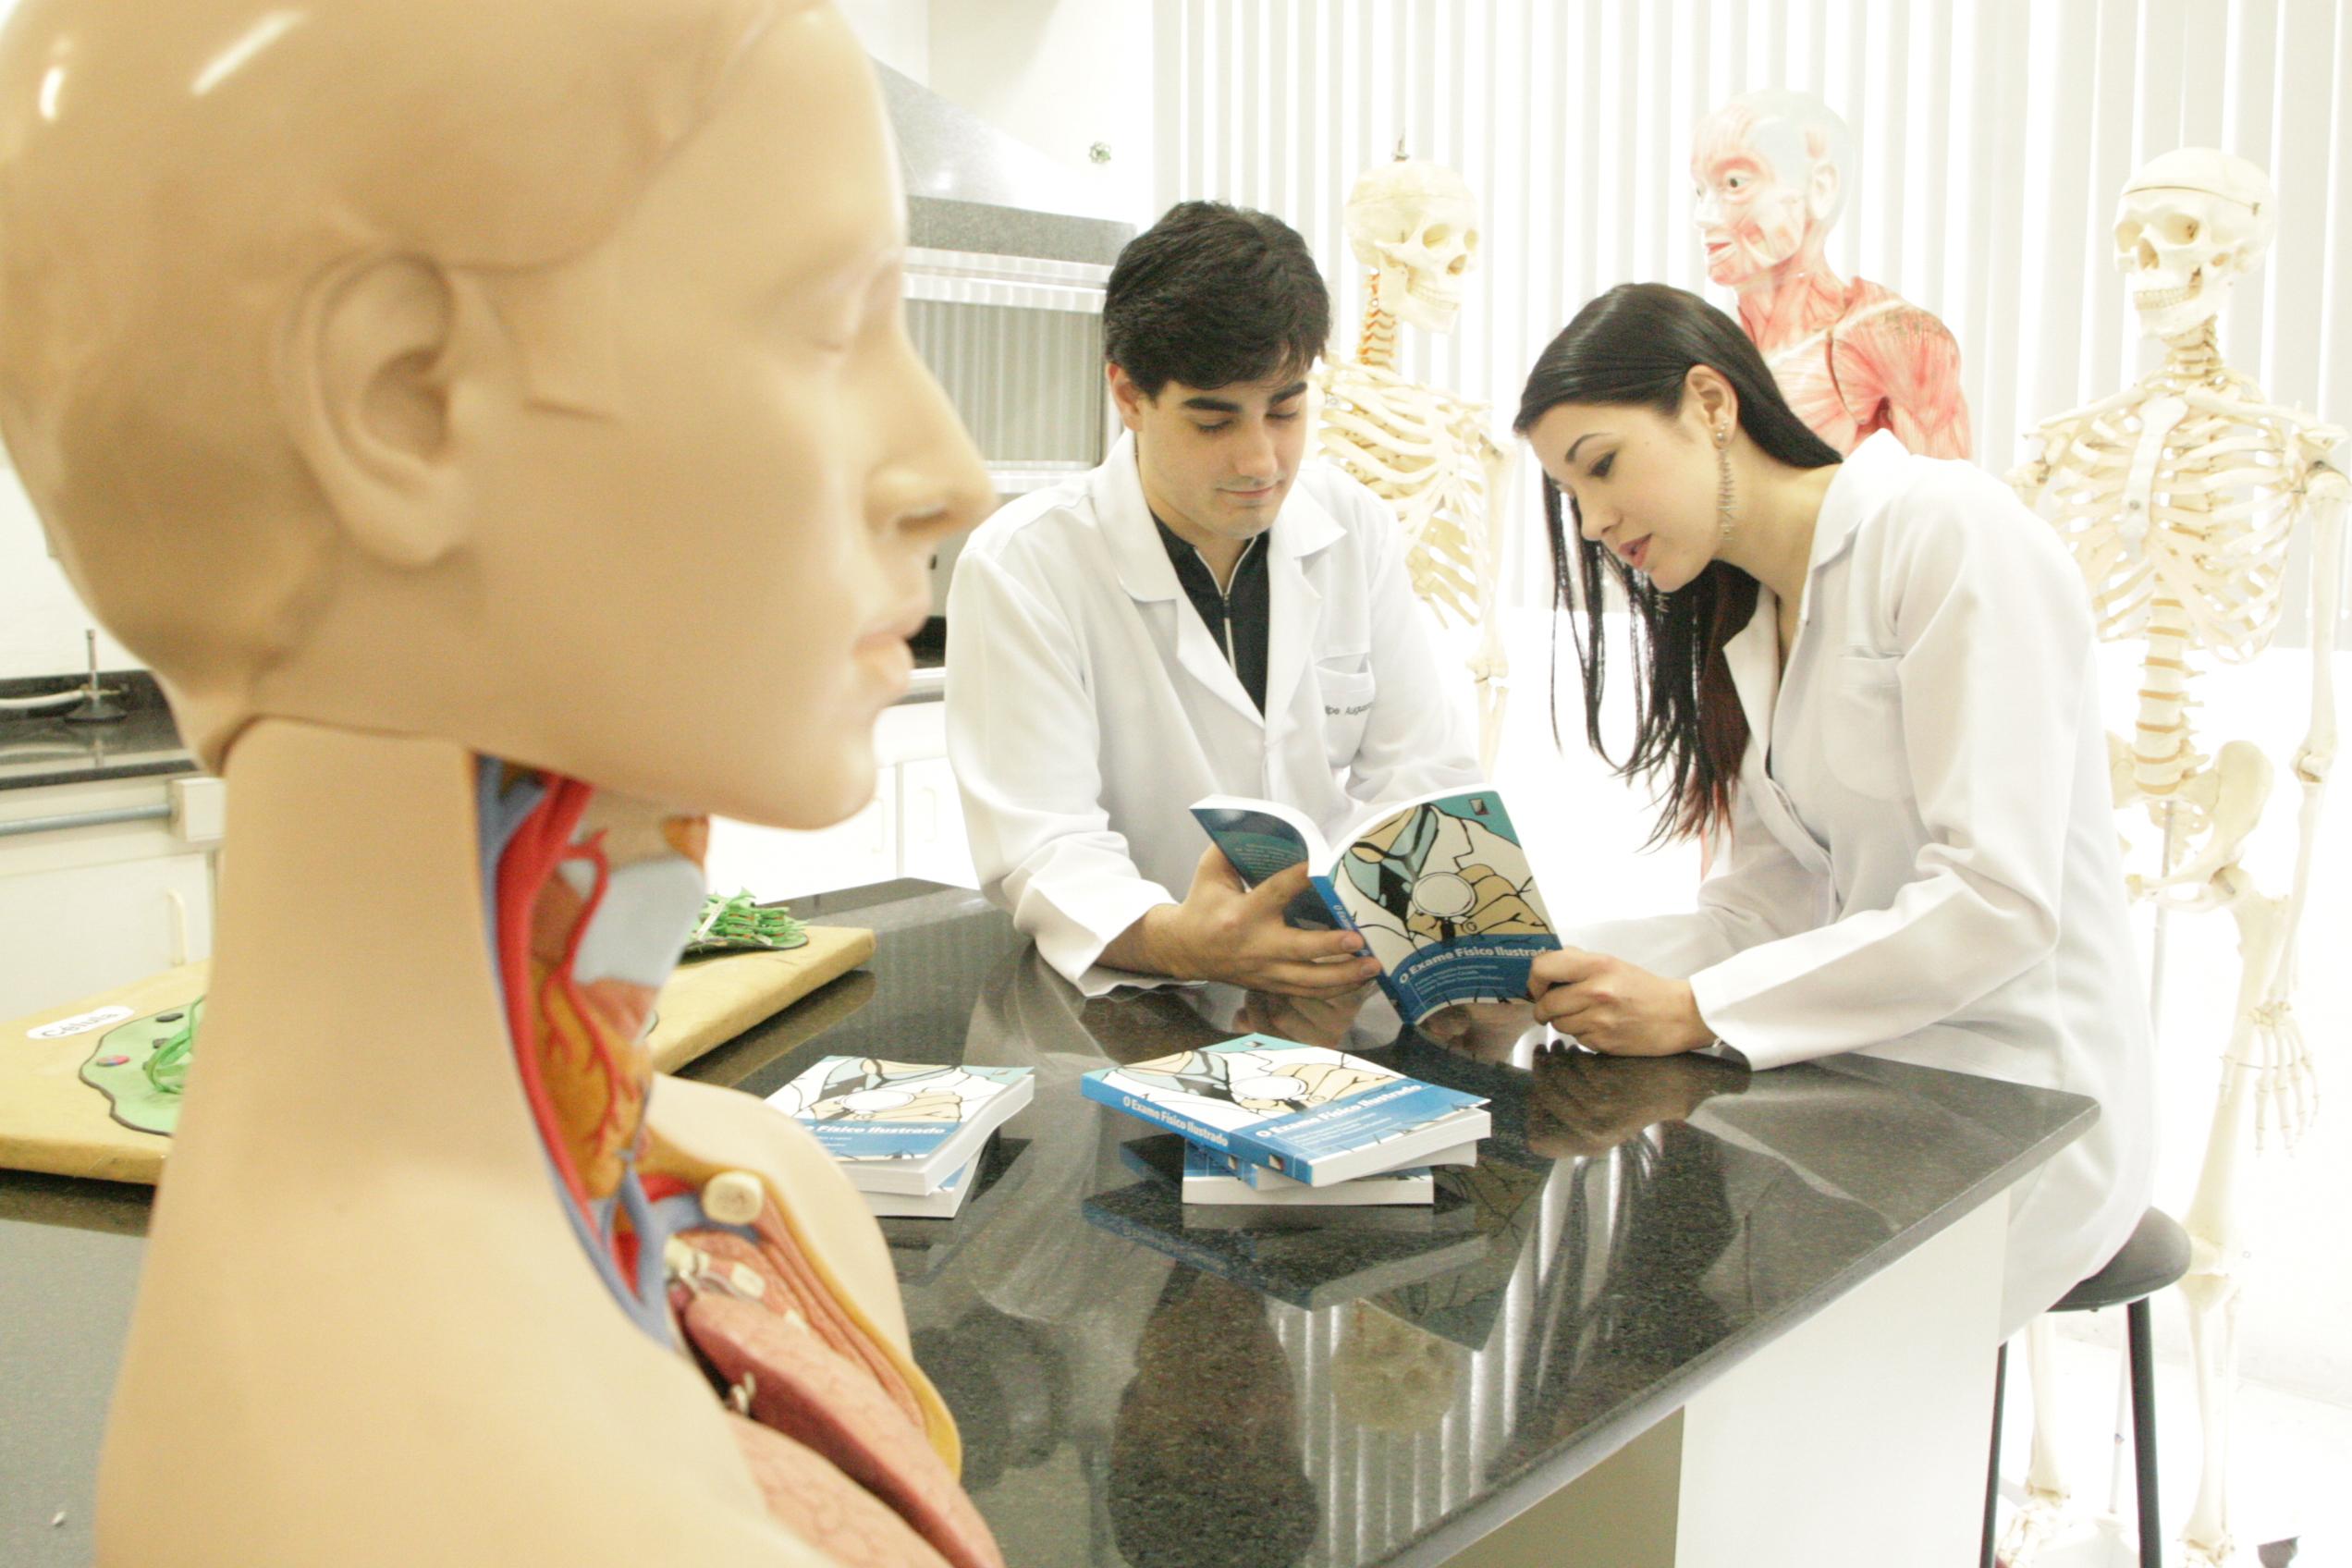 medicina-ucpel-estudantes editam livro